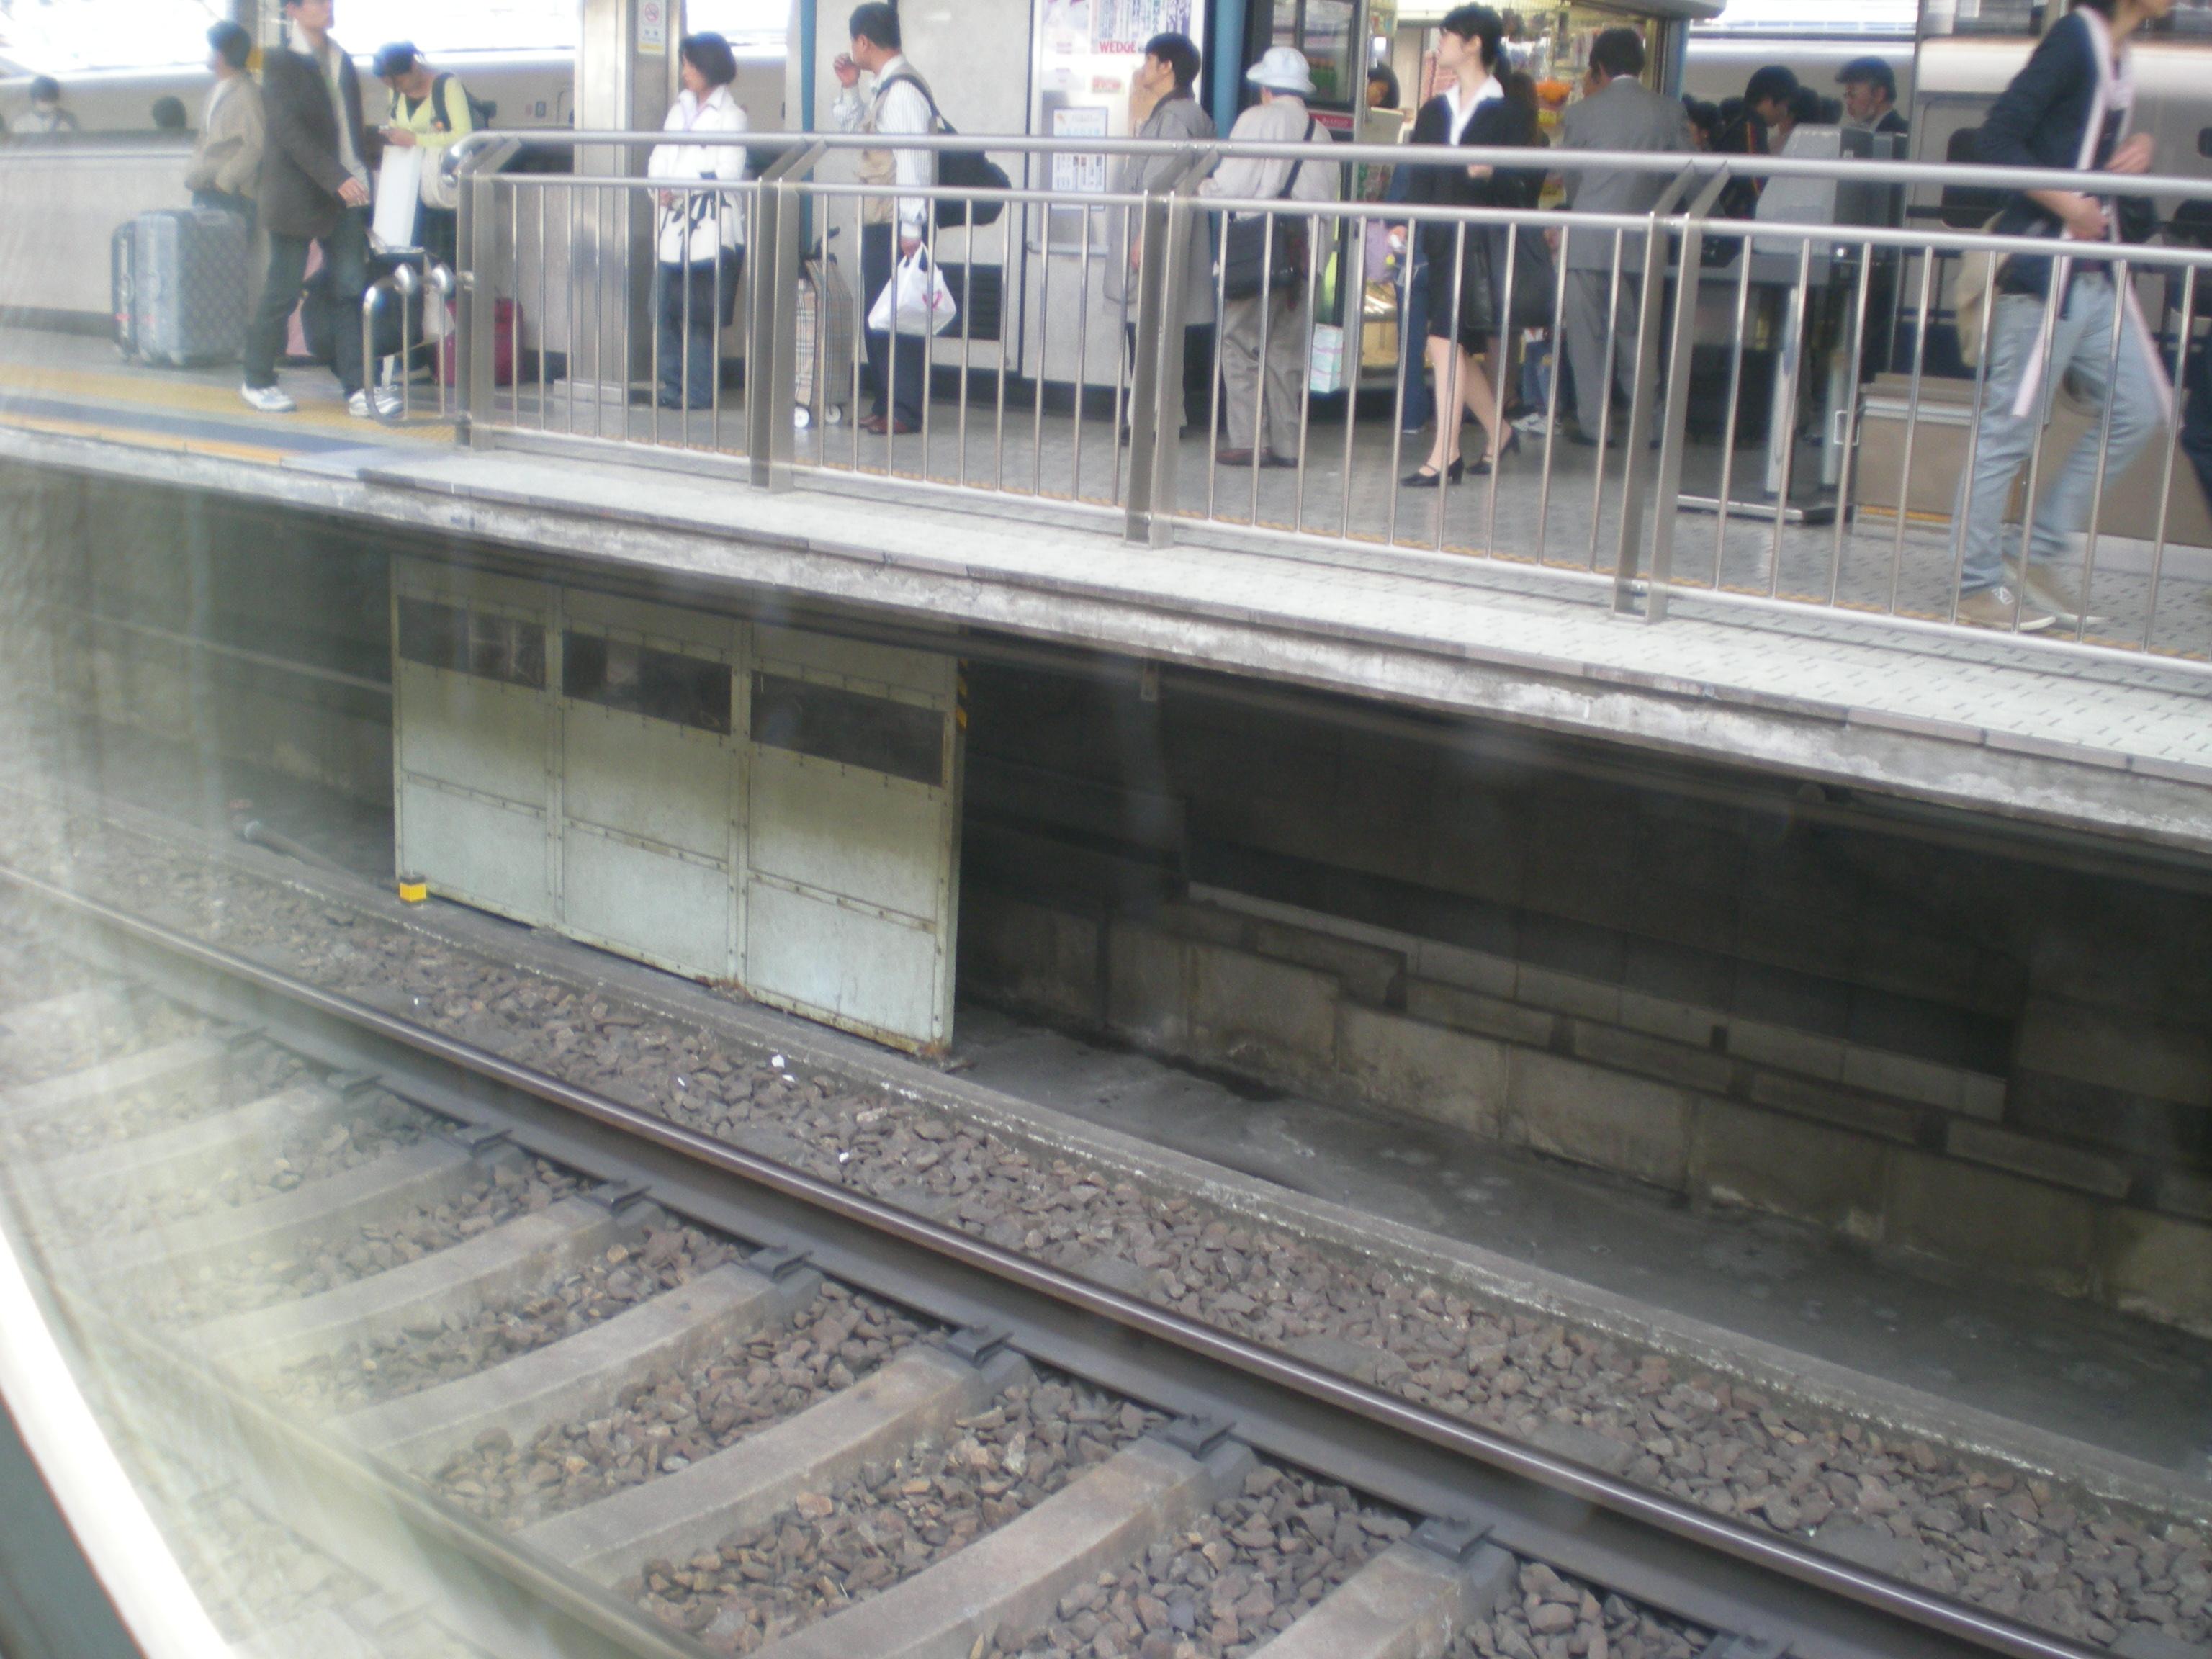 ファイル:Shinkansen Nagoya Station Platform.JPG